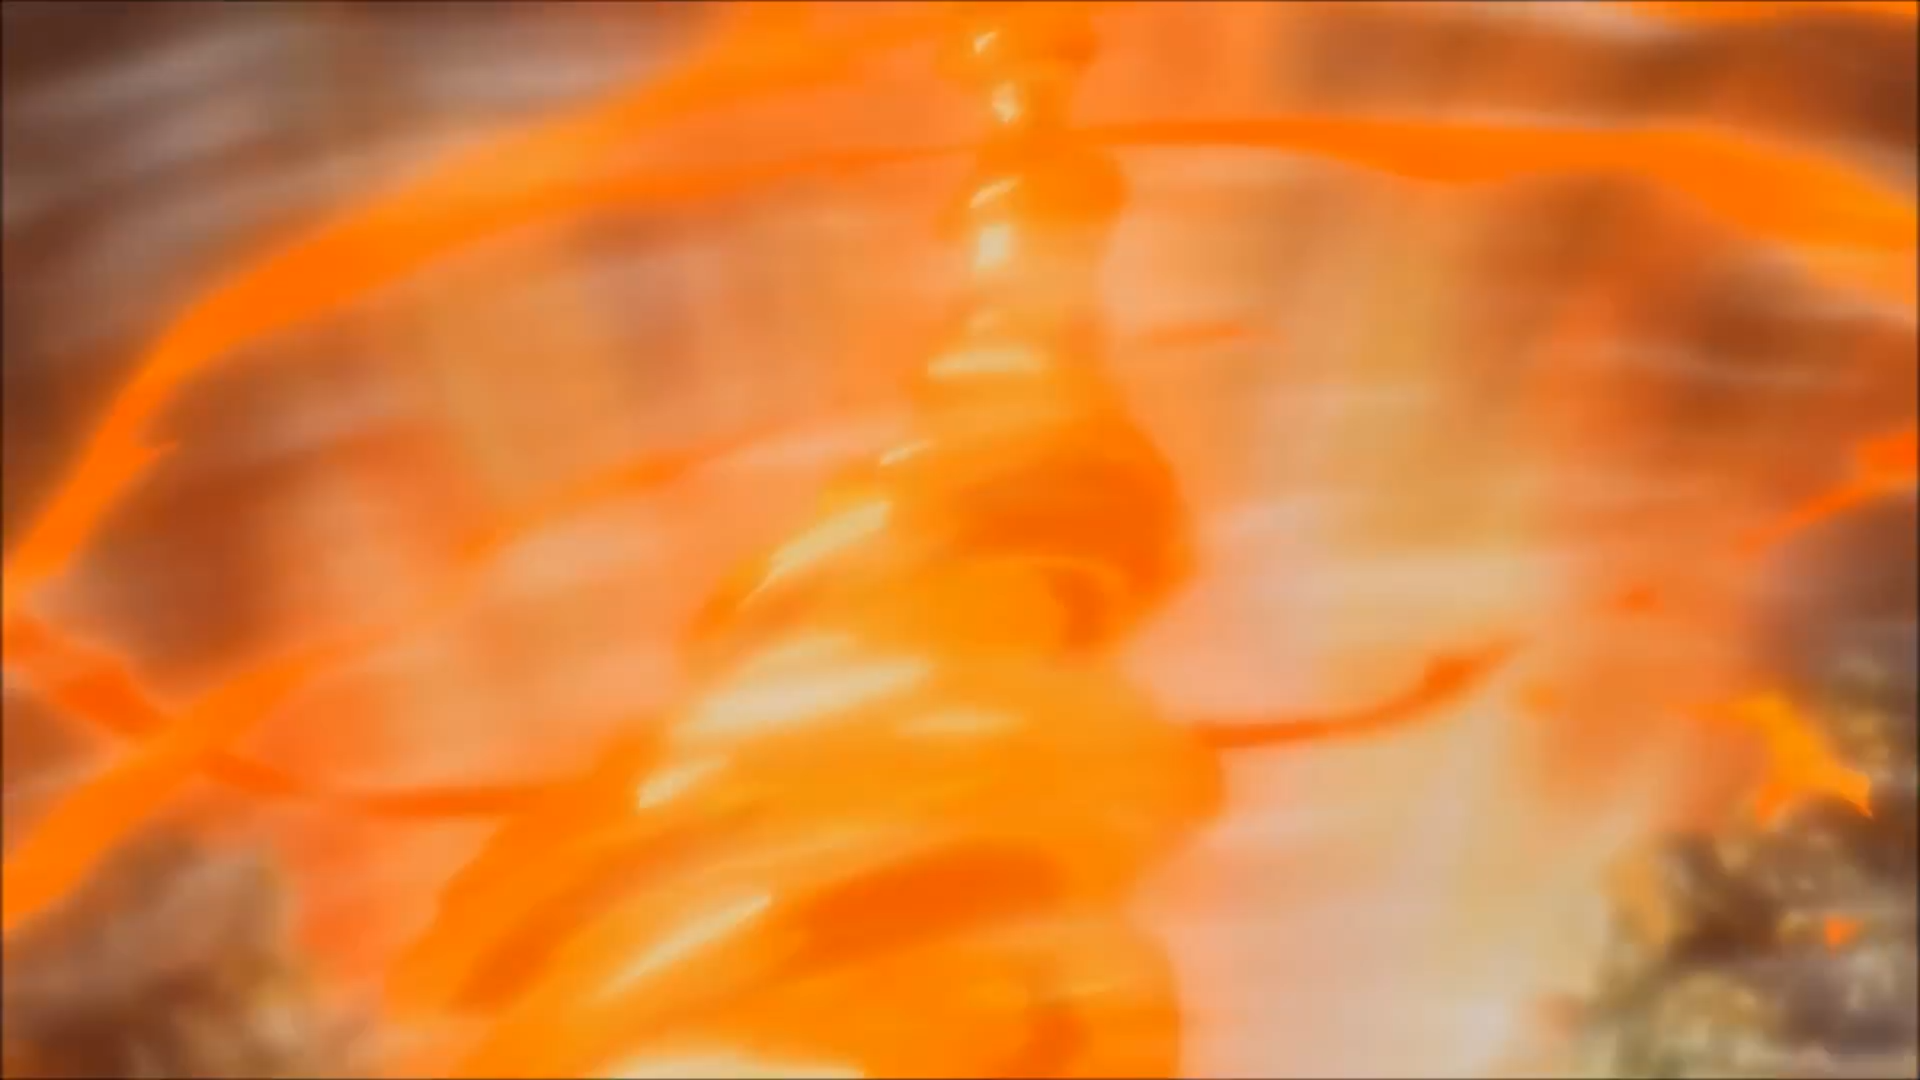 Técnica de Ignição da Nuvem de Poeira